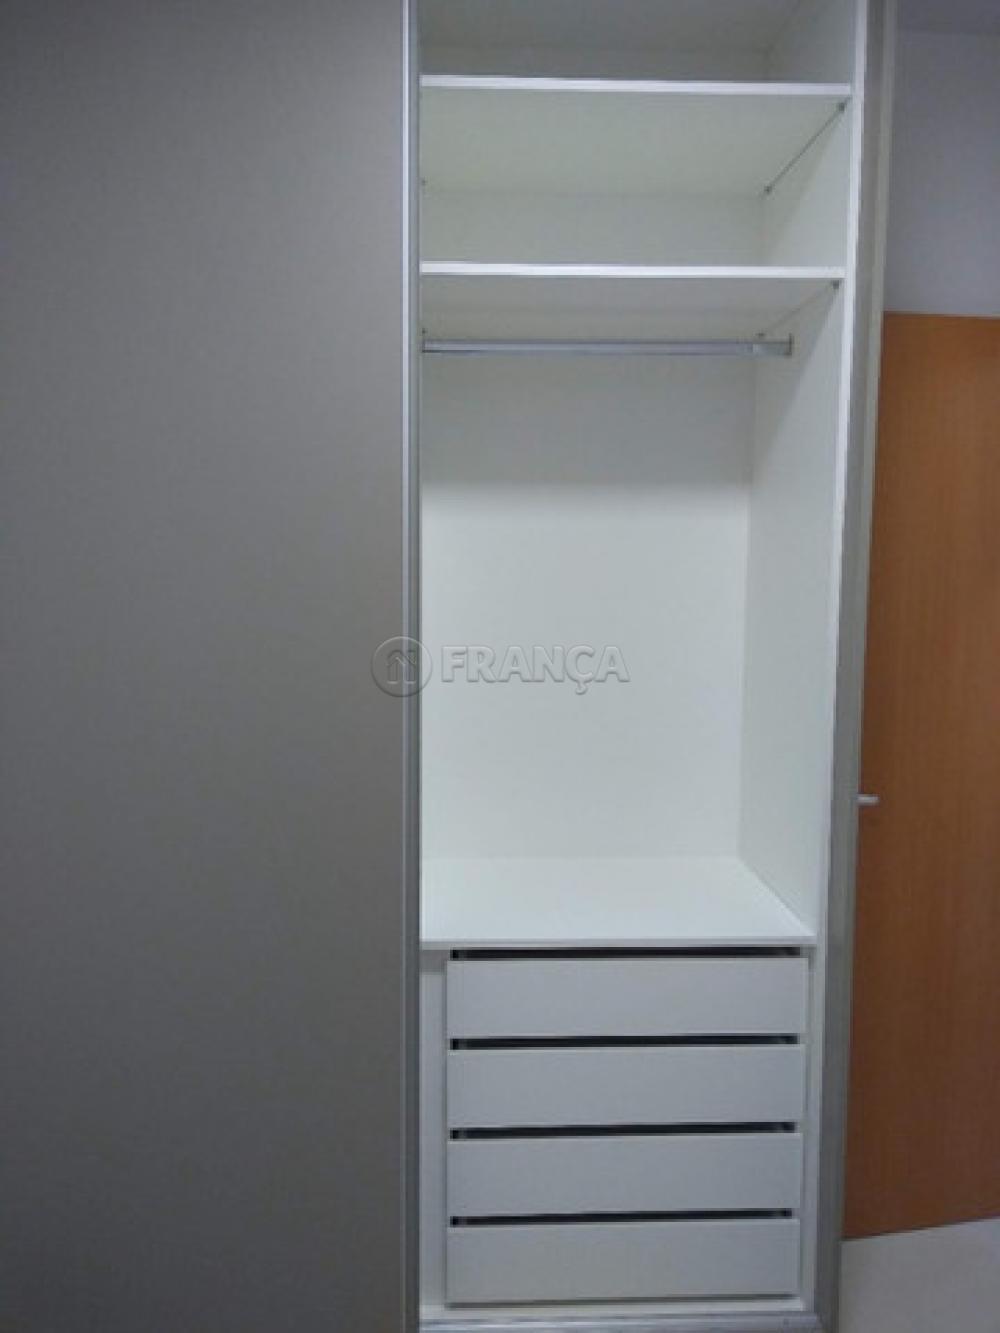 Alugar Apartamento / Padrão em Jacareí apenas R$ 1.500,00 - Foto 11